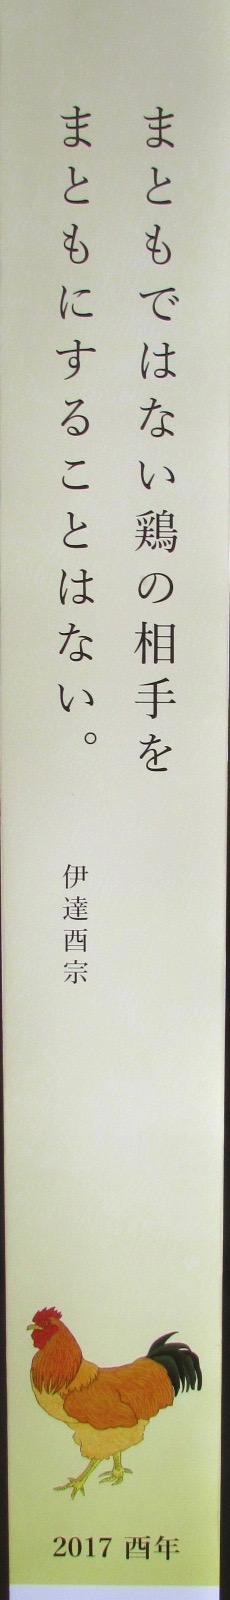 f:id:hiro-jp:20170103182046j:plain